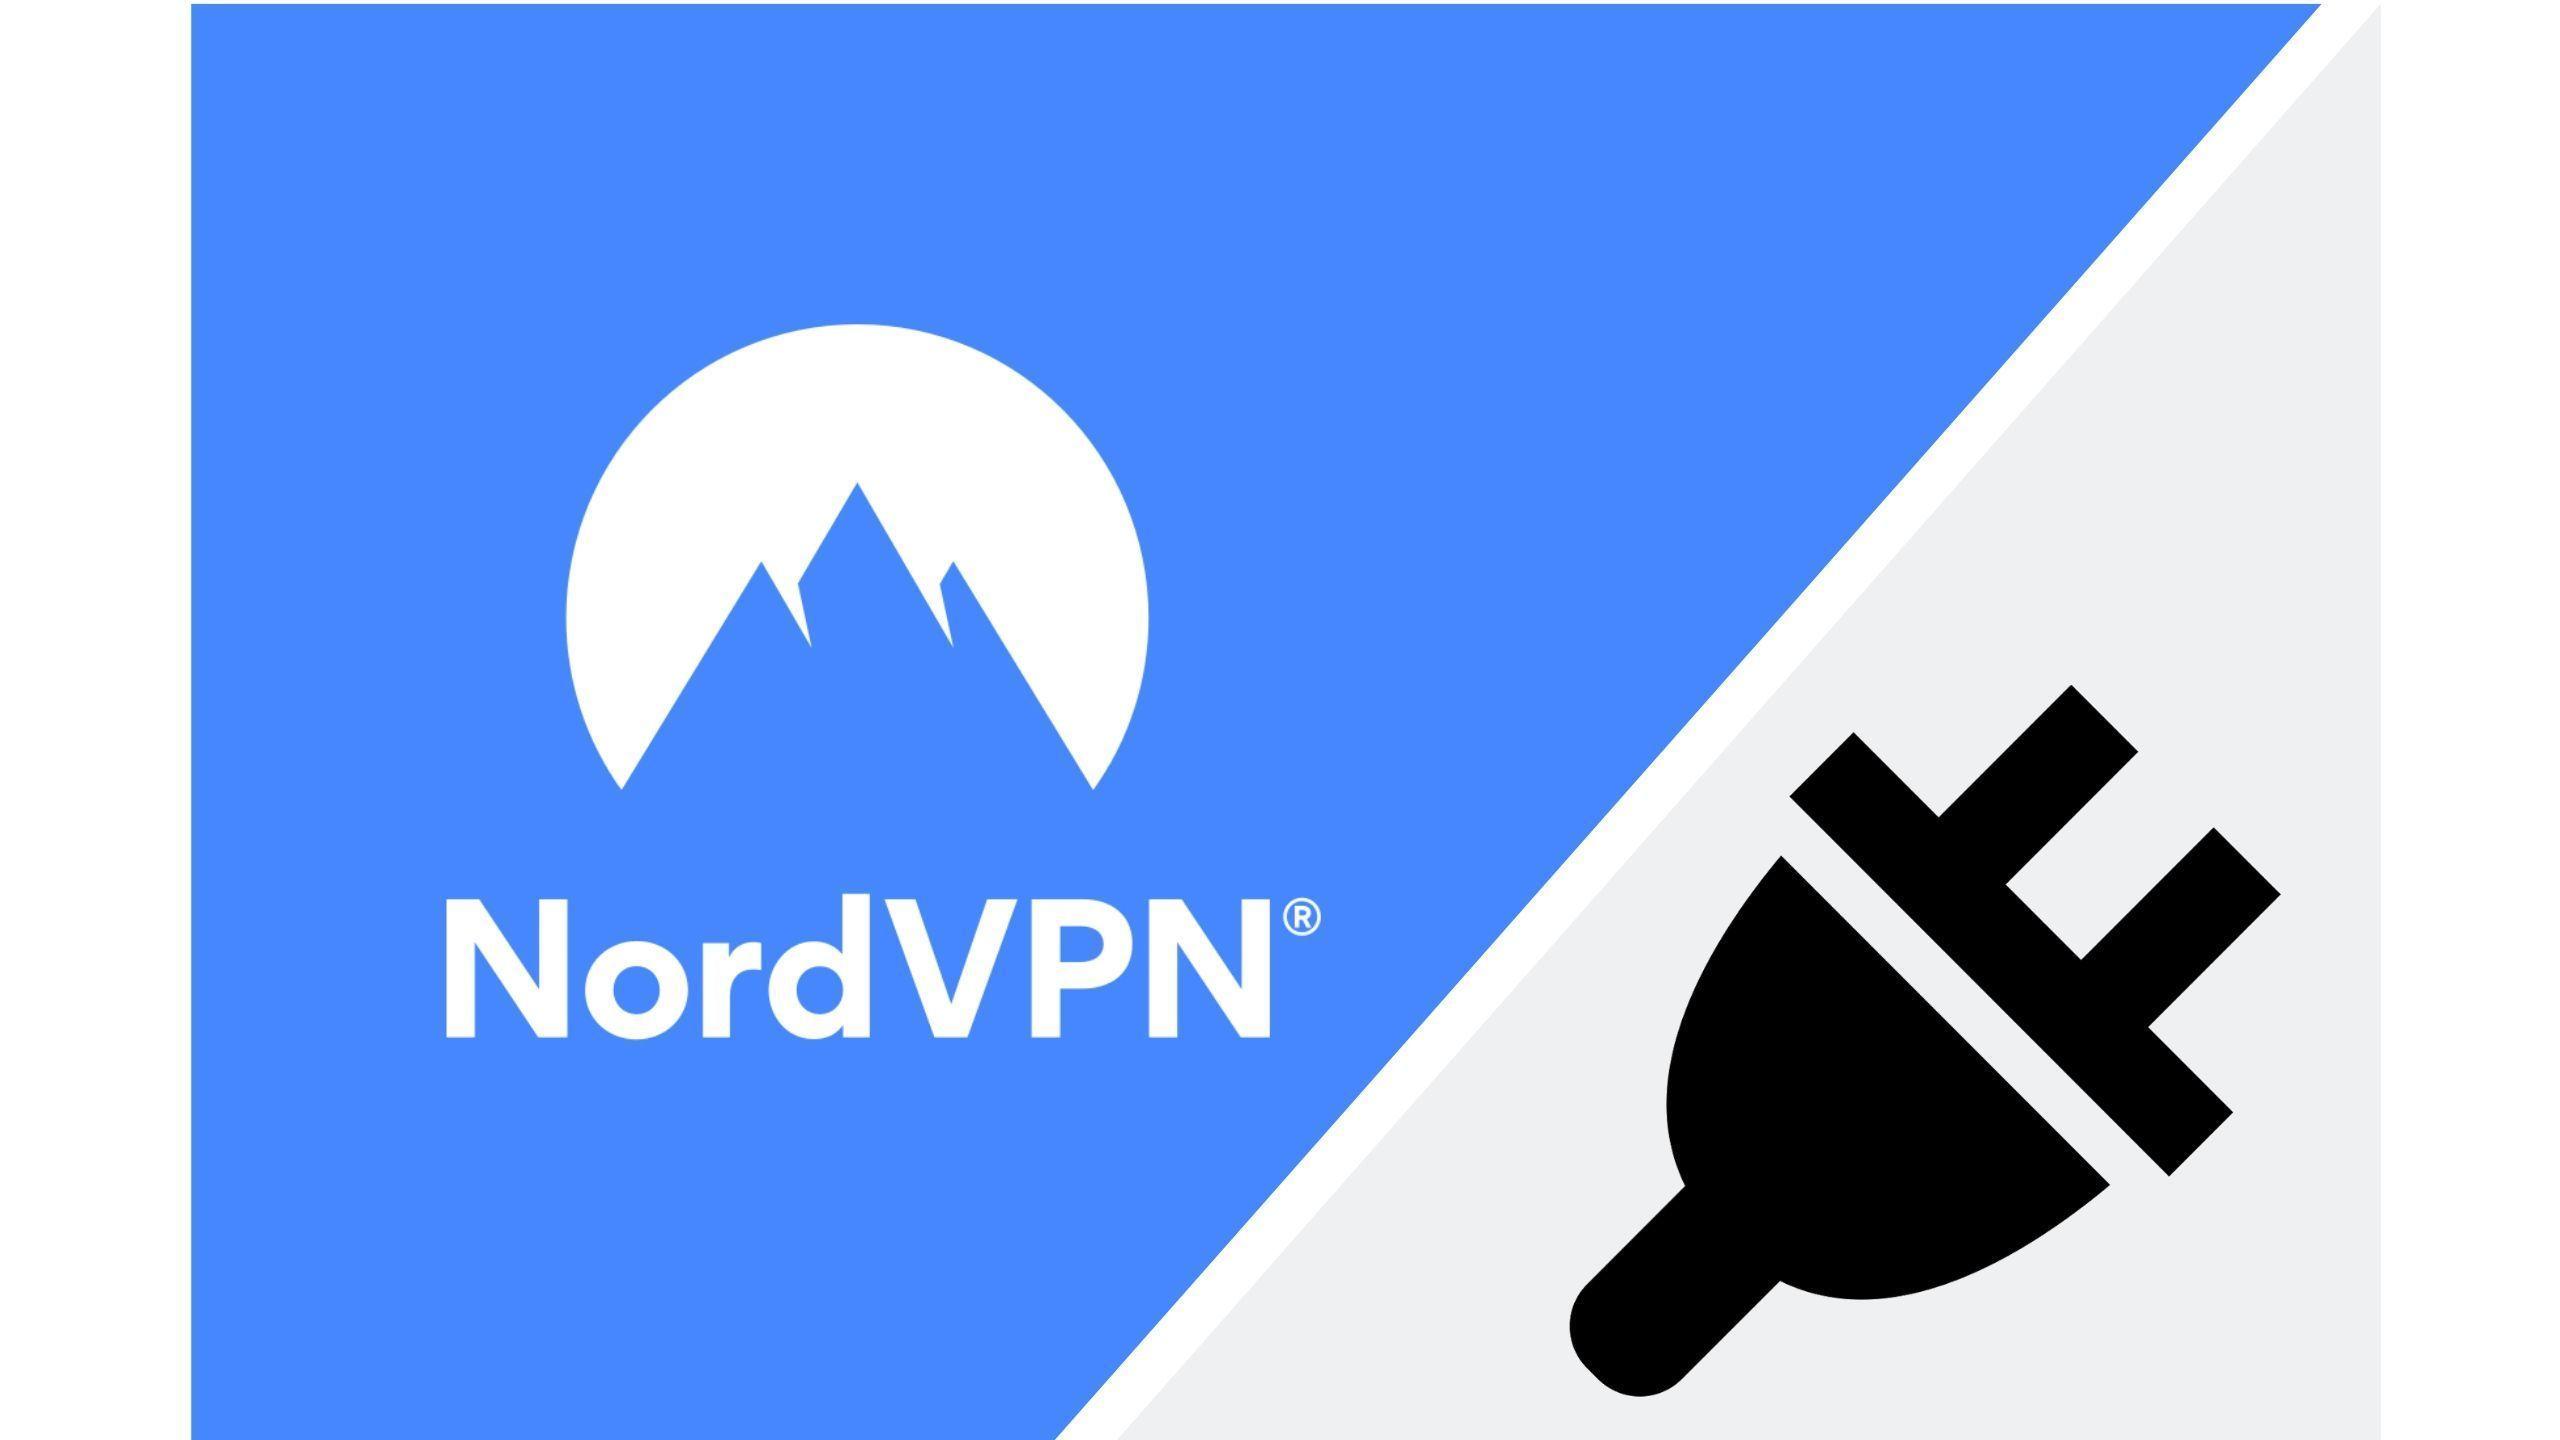 NordVPN Test 2019 - Bekannt, beliebt und gut? 1 techboys.de • smarte News, auf den Punkt! NordVPN Test 2019 - Bekannt, beliebt und gut?